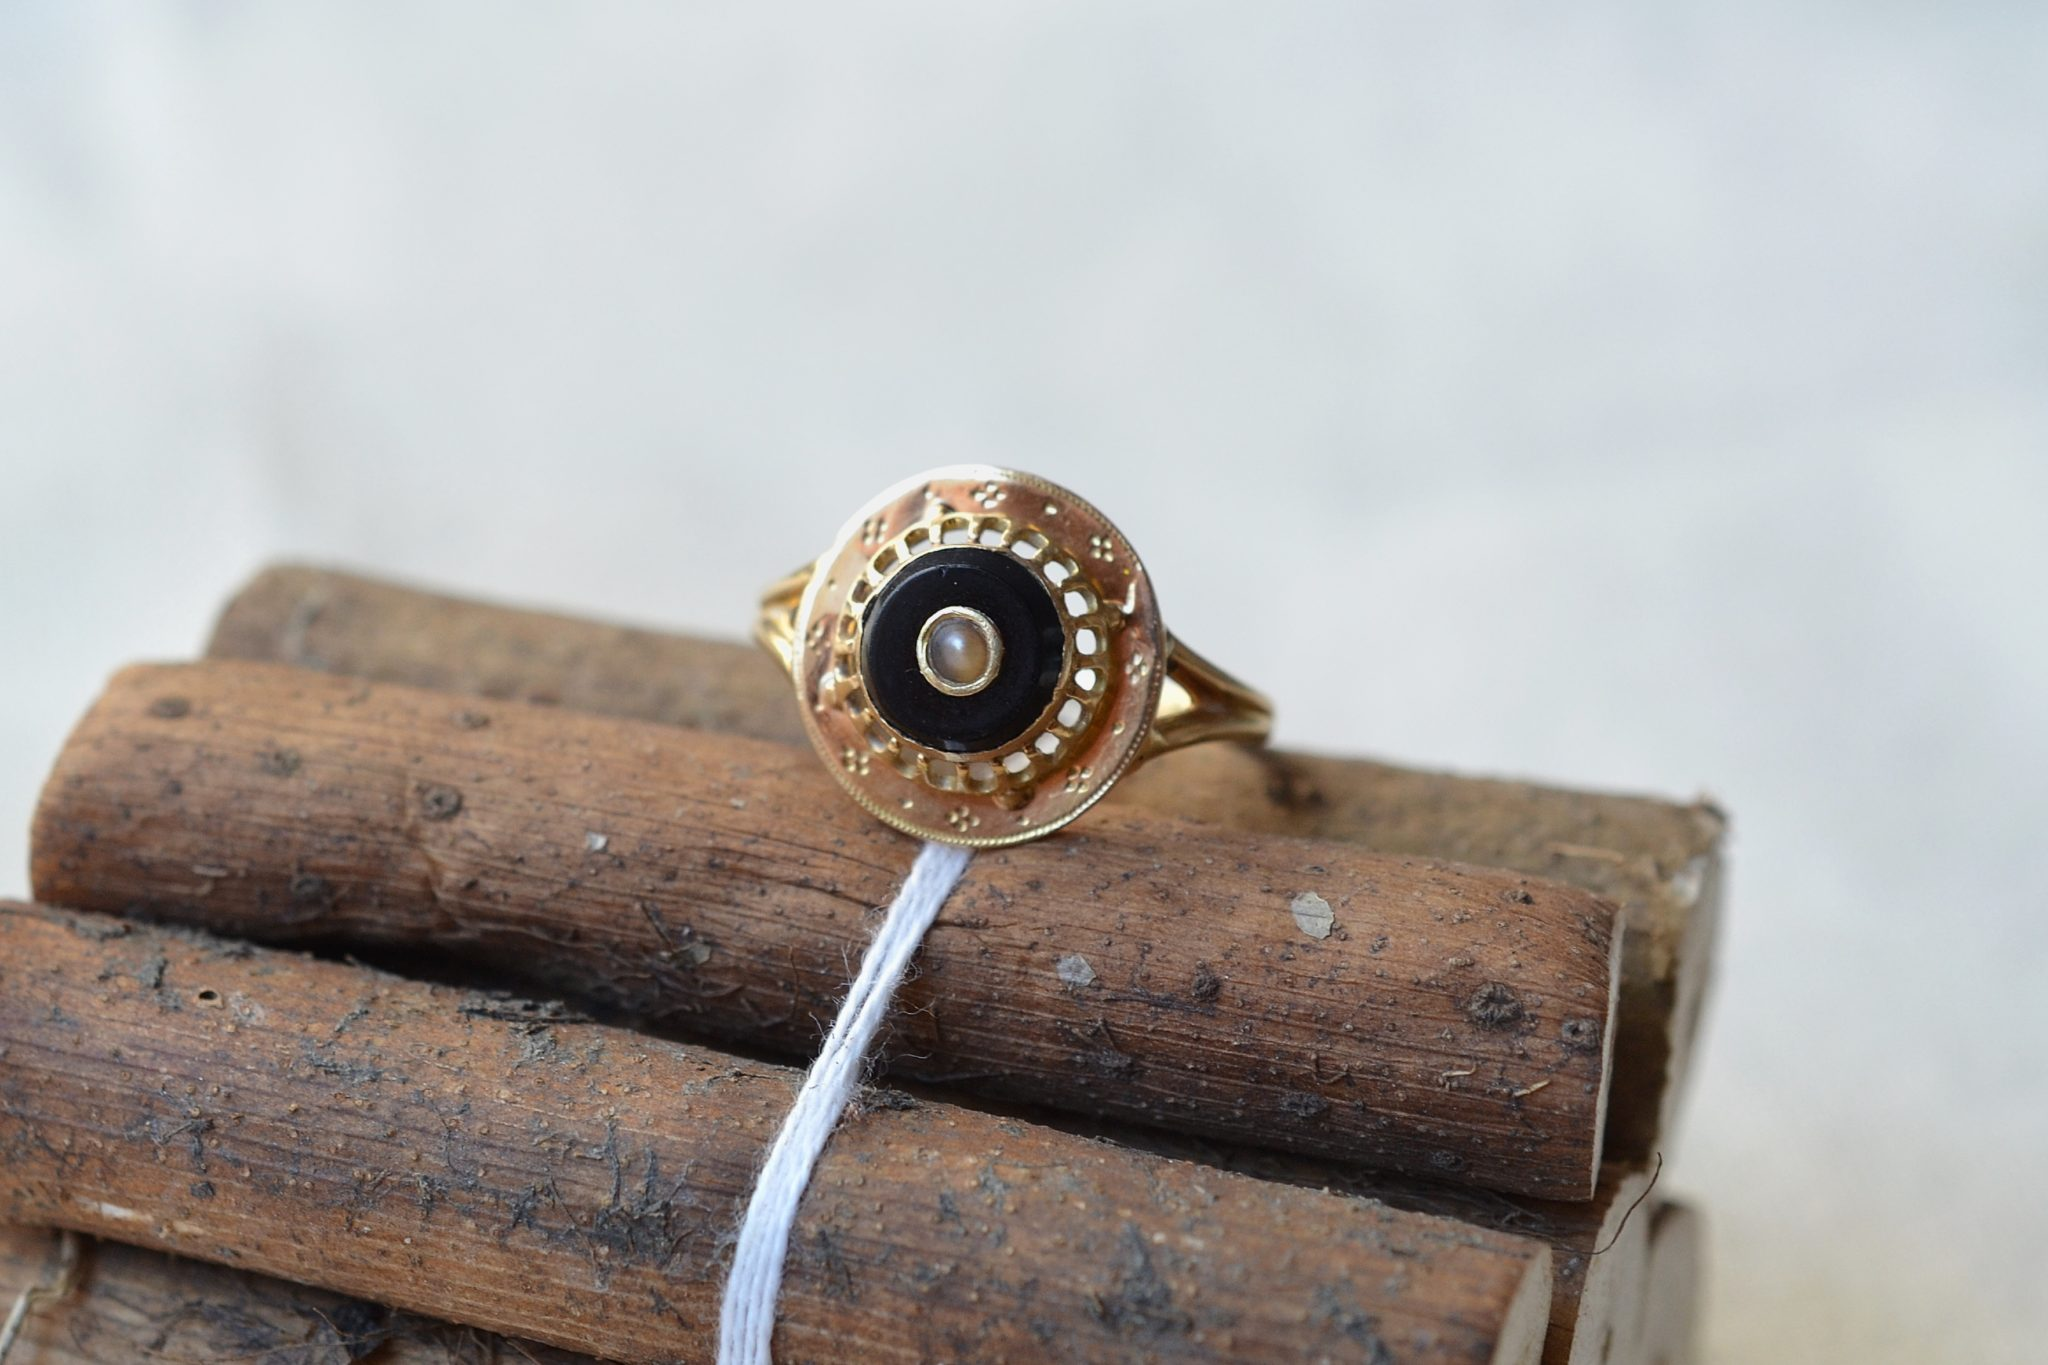 Bague en Or jaune sertie d_une plaque d_onyx noir centrée d_une perle baroque - bague éthique et éco-responsable